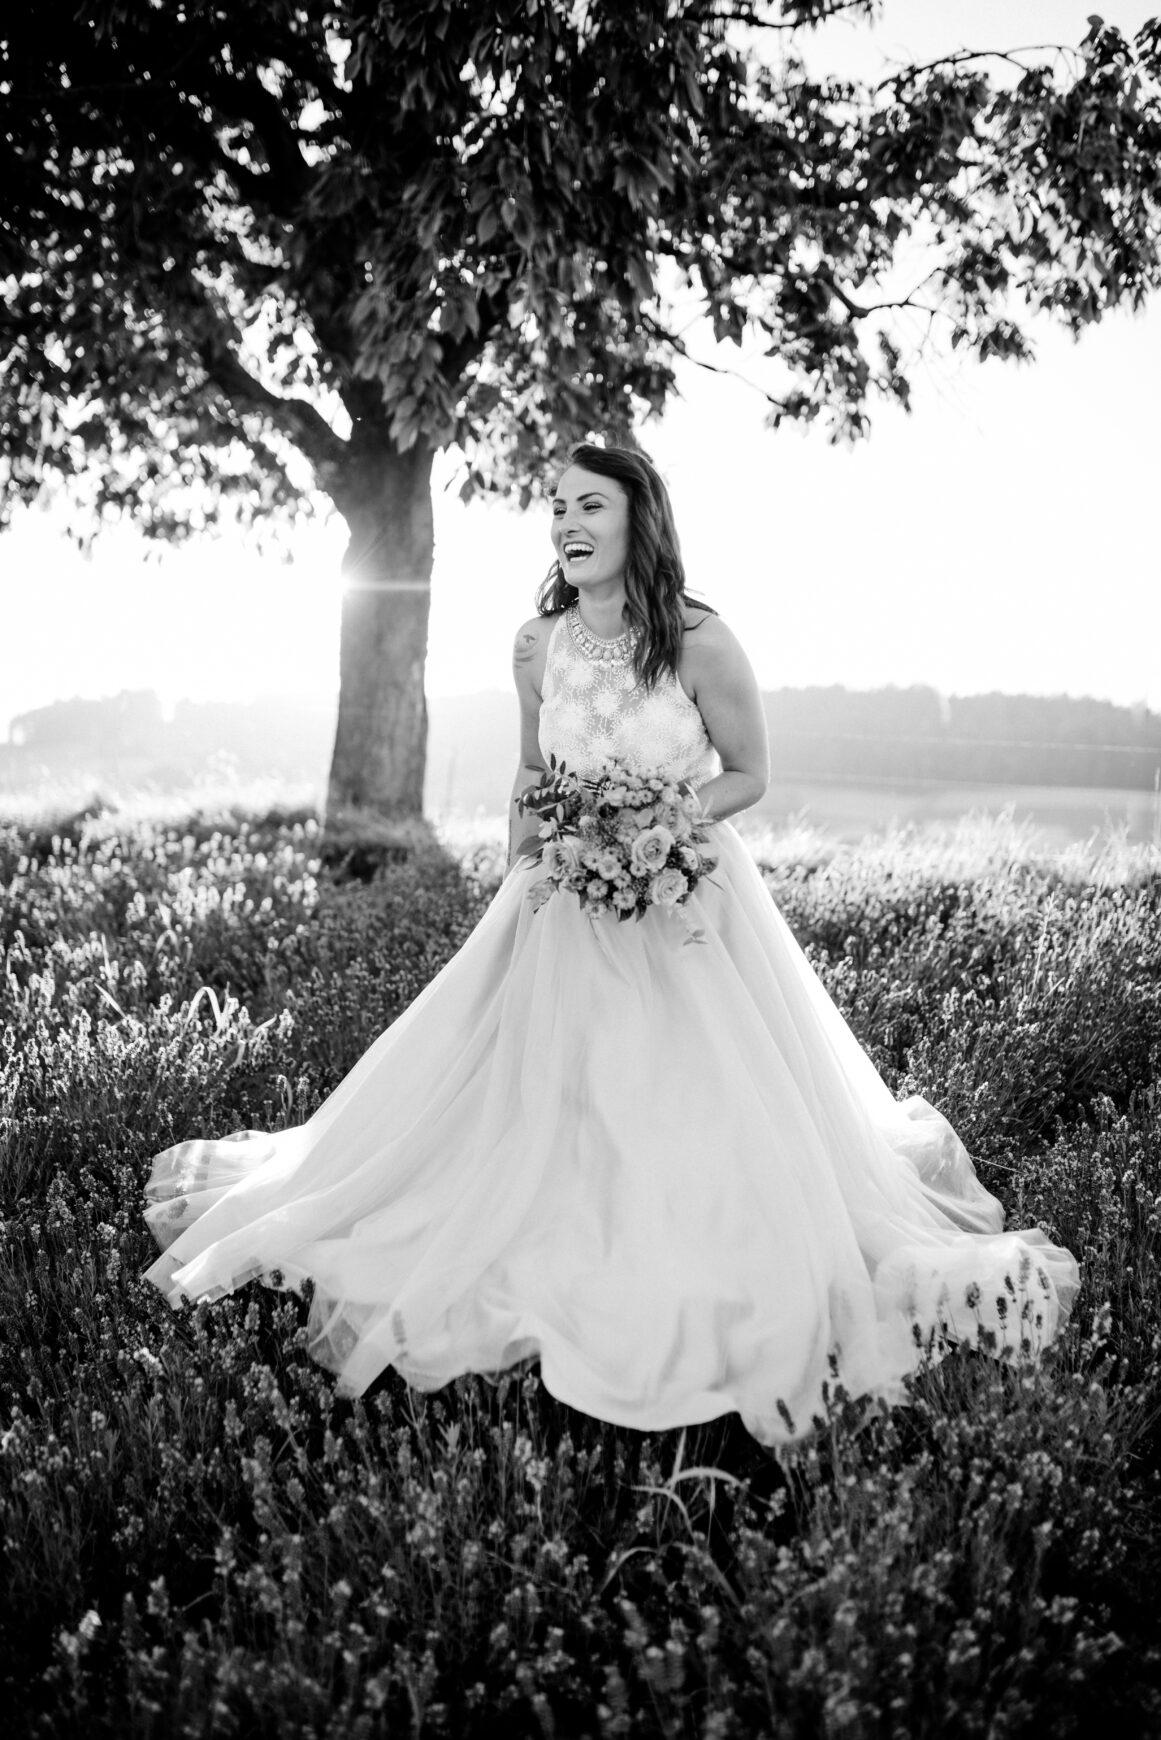 Braut während After-Wedding Shooting im Lavendelfeld mit Hochzeitskleid zum Sonnenuntergang.